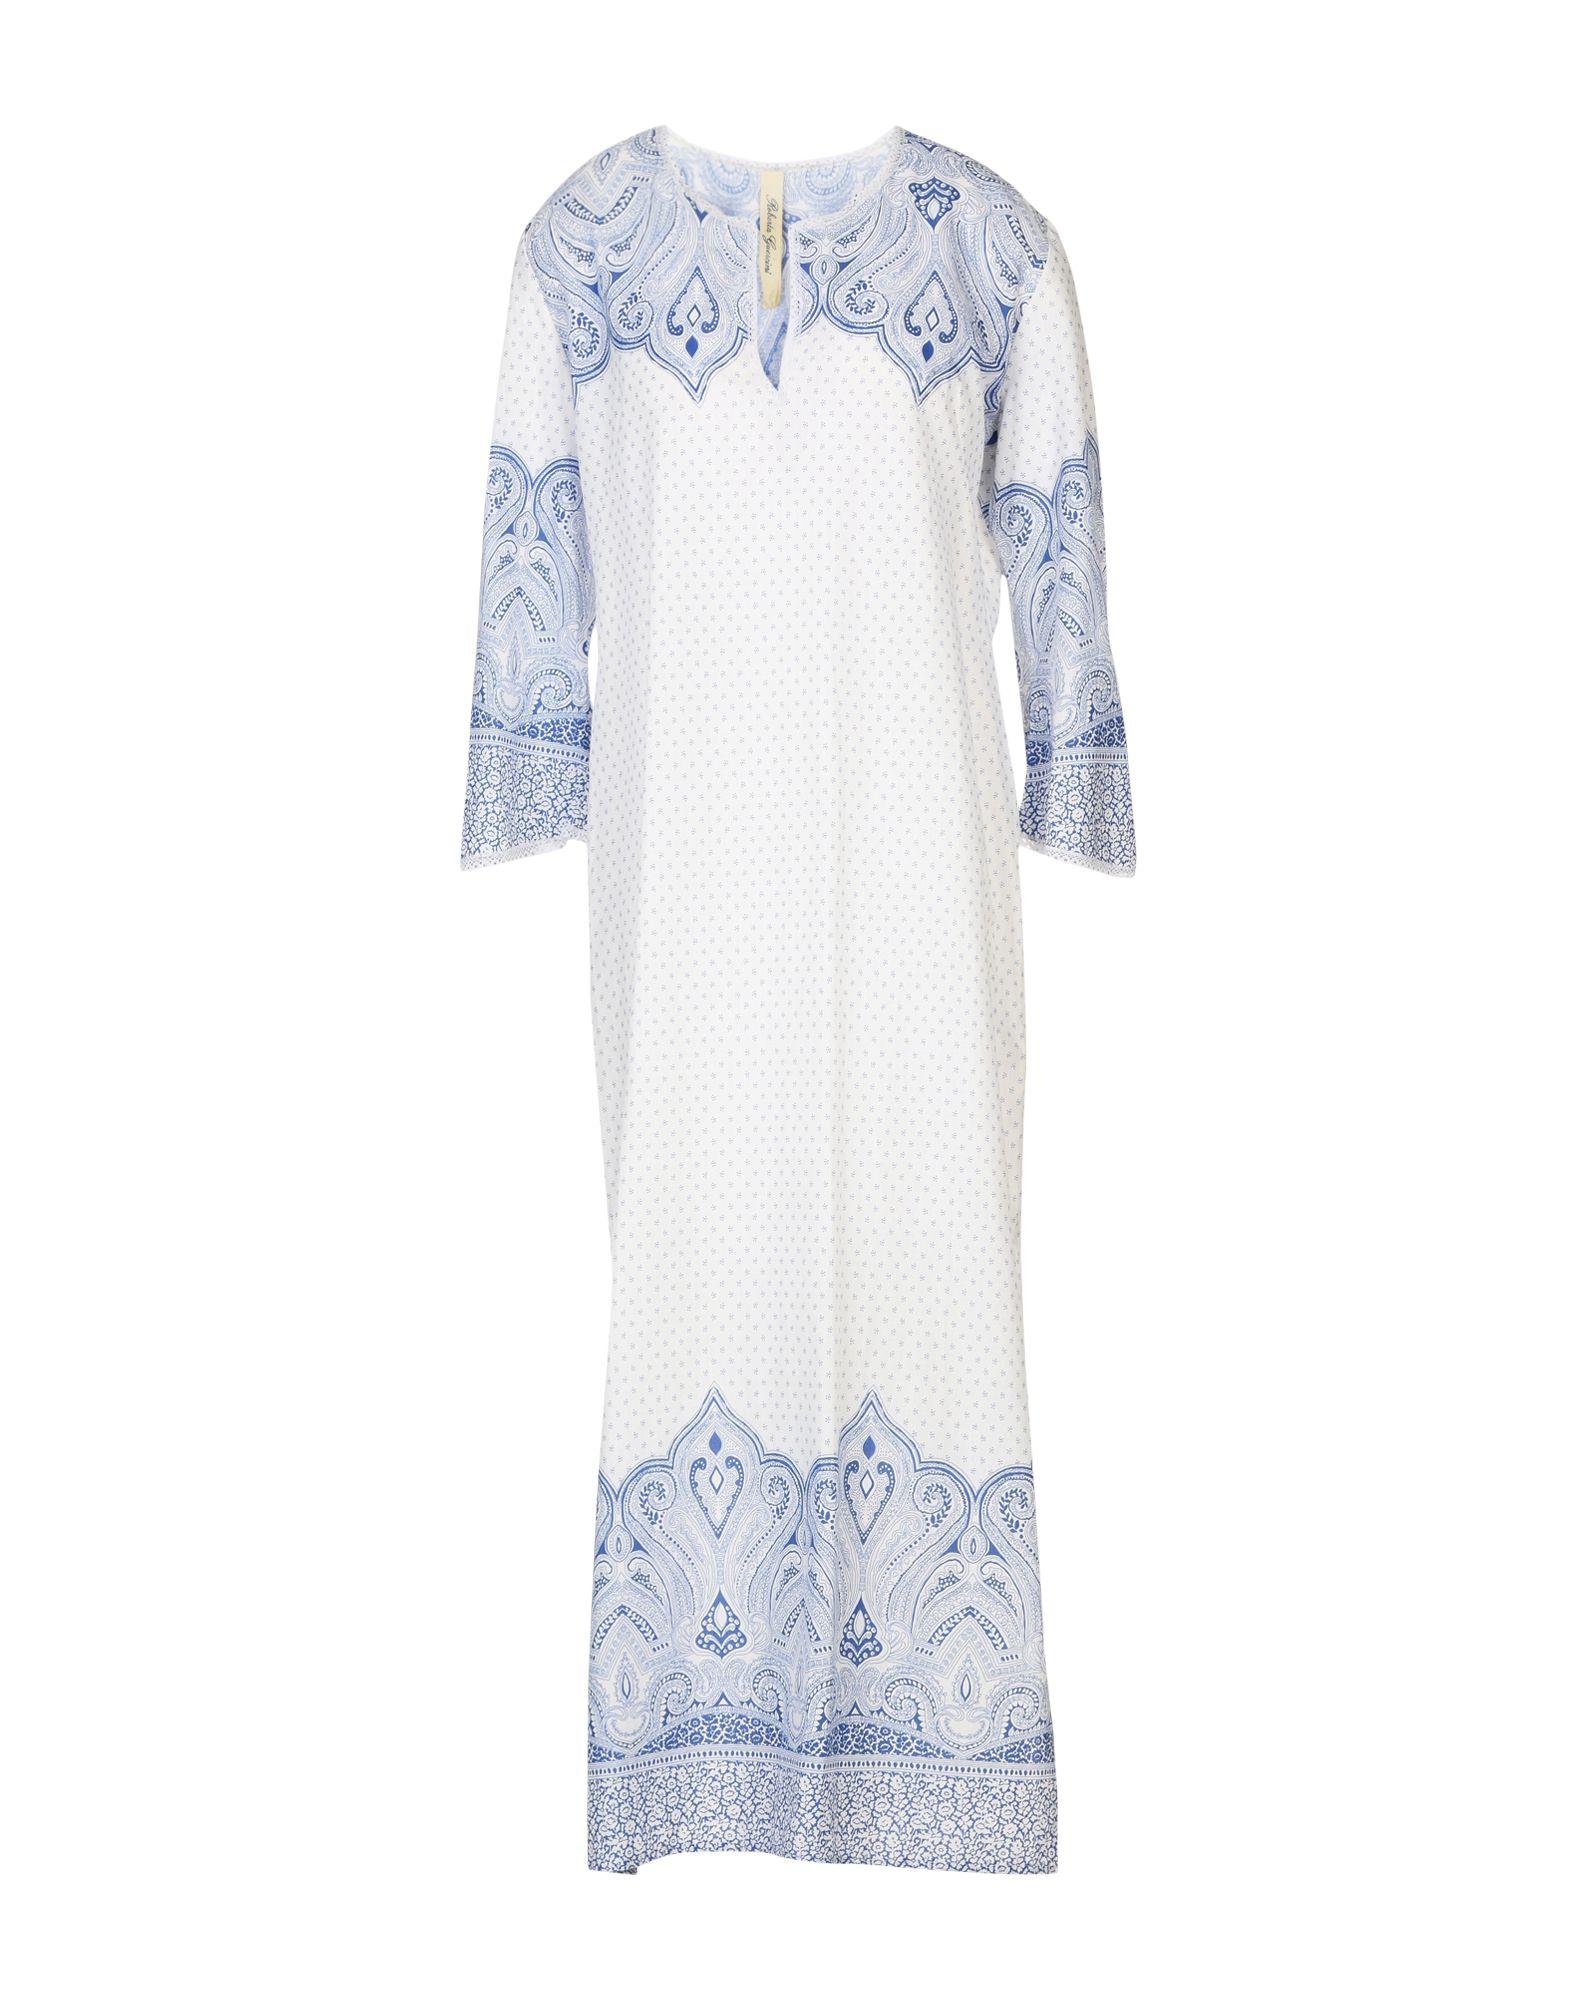 ROBERTA GUERCINI Платье длиной 3/4 lisa corti платье длиной 3 4